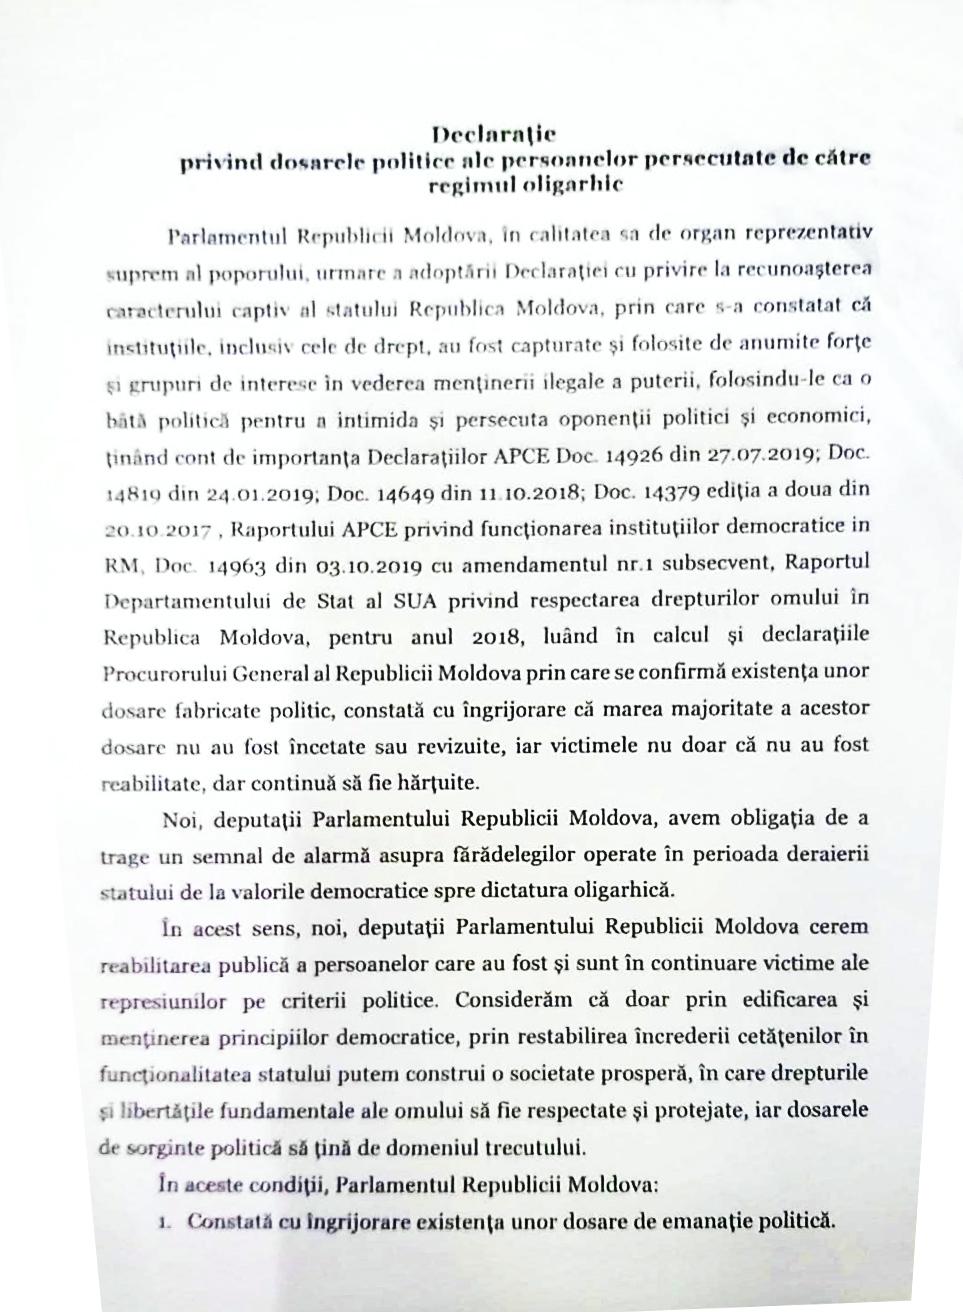 De revizuit, de reabilitat, de pedepsit. NM publică textul Declarației despre persecutările politice de către regimul oligarhic